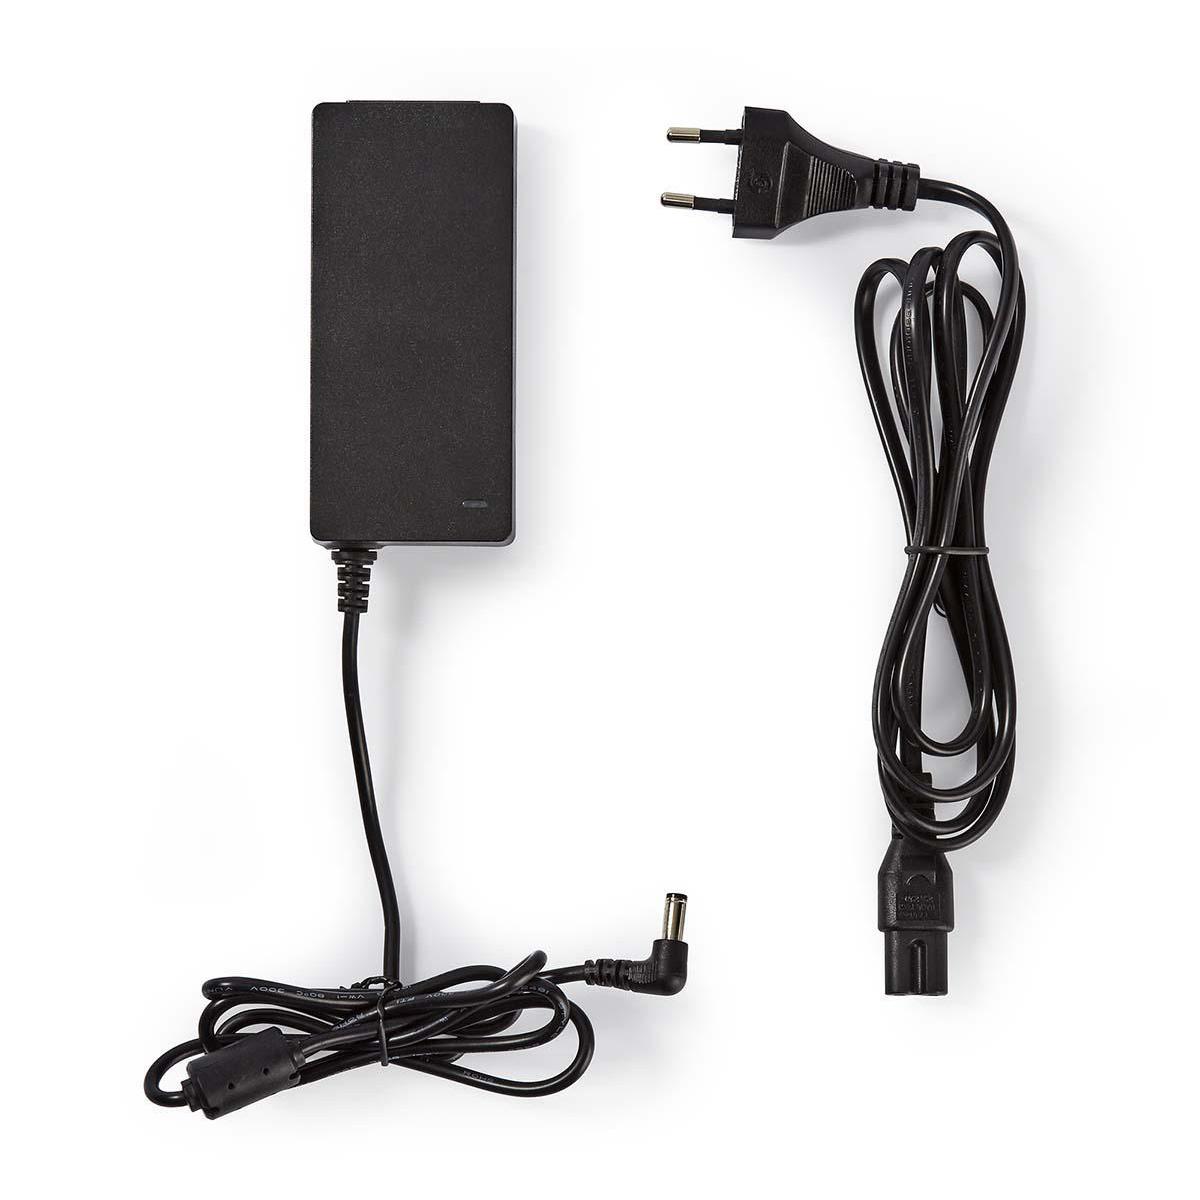 Dies ist kein Standard-CCTV-Adapter. Dieser Adapter wurde speziell für CCTV-Systeme entwickelt, die hohe Anforderungen an die zu liefernde Leistung stellen. Während Standardadapter selten genug Strom für die Verwendung mit CCTV liefern, insbesondere wenn